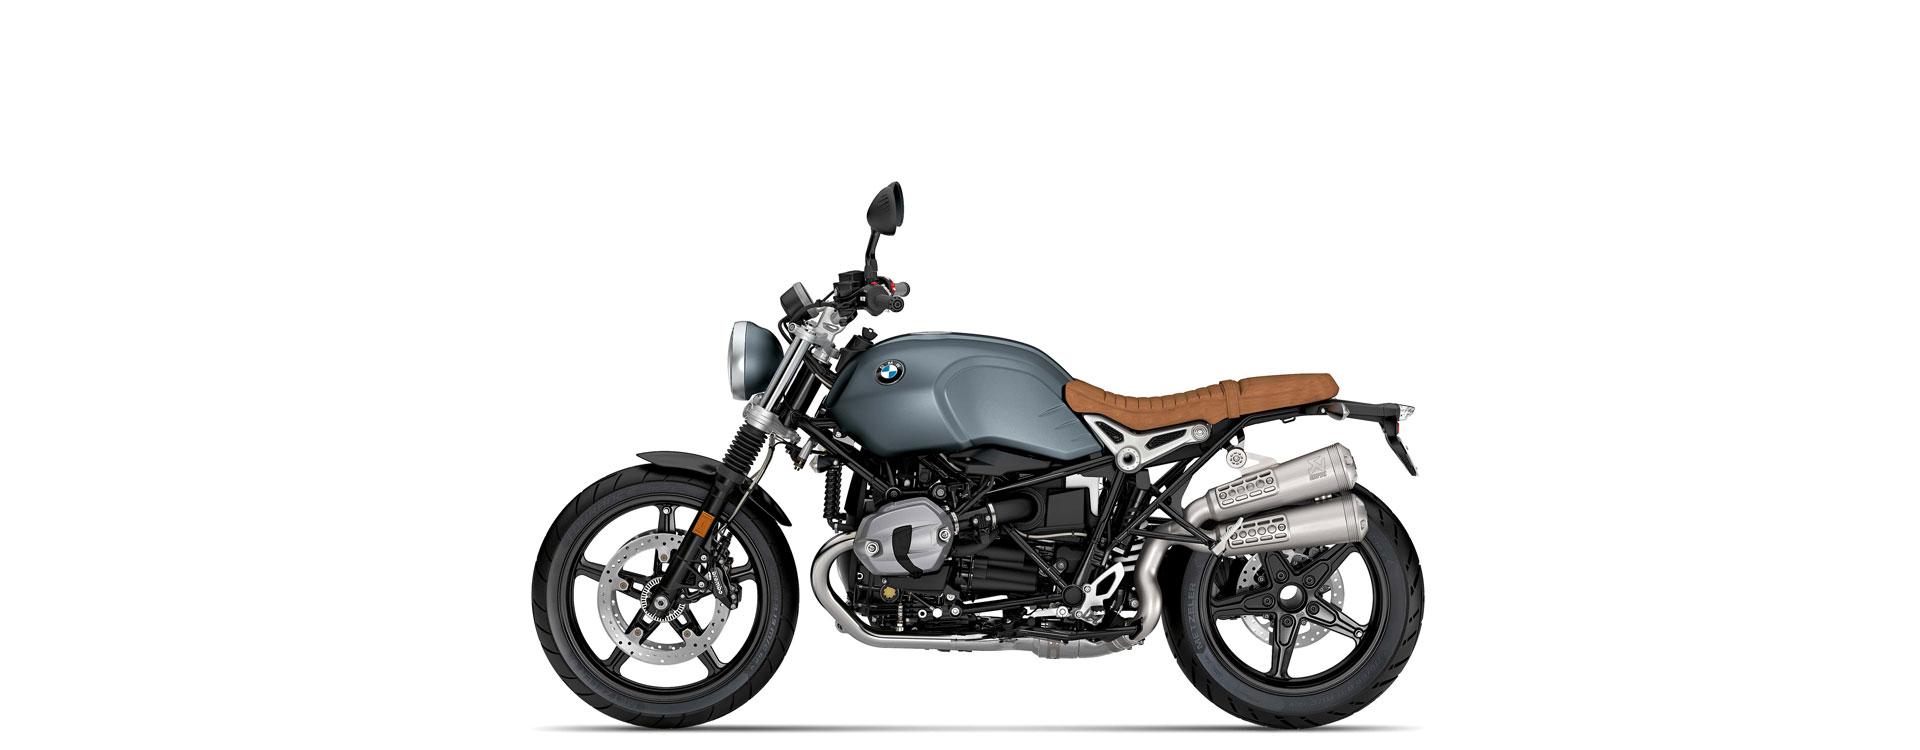 купить мотоцикл в кредит онлайн